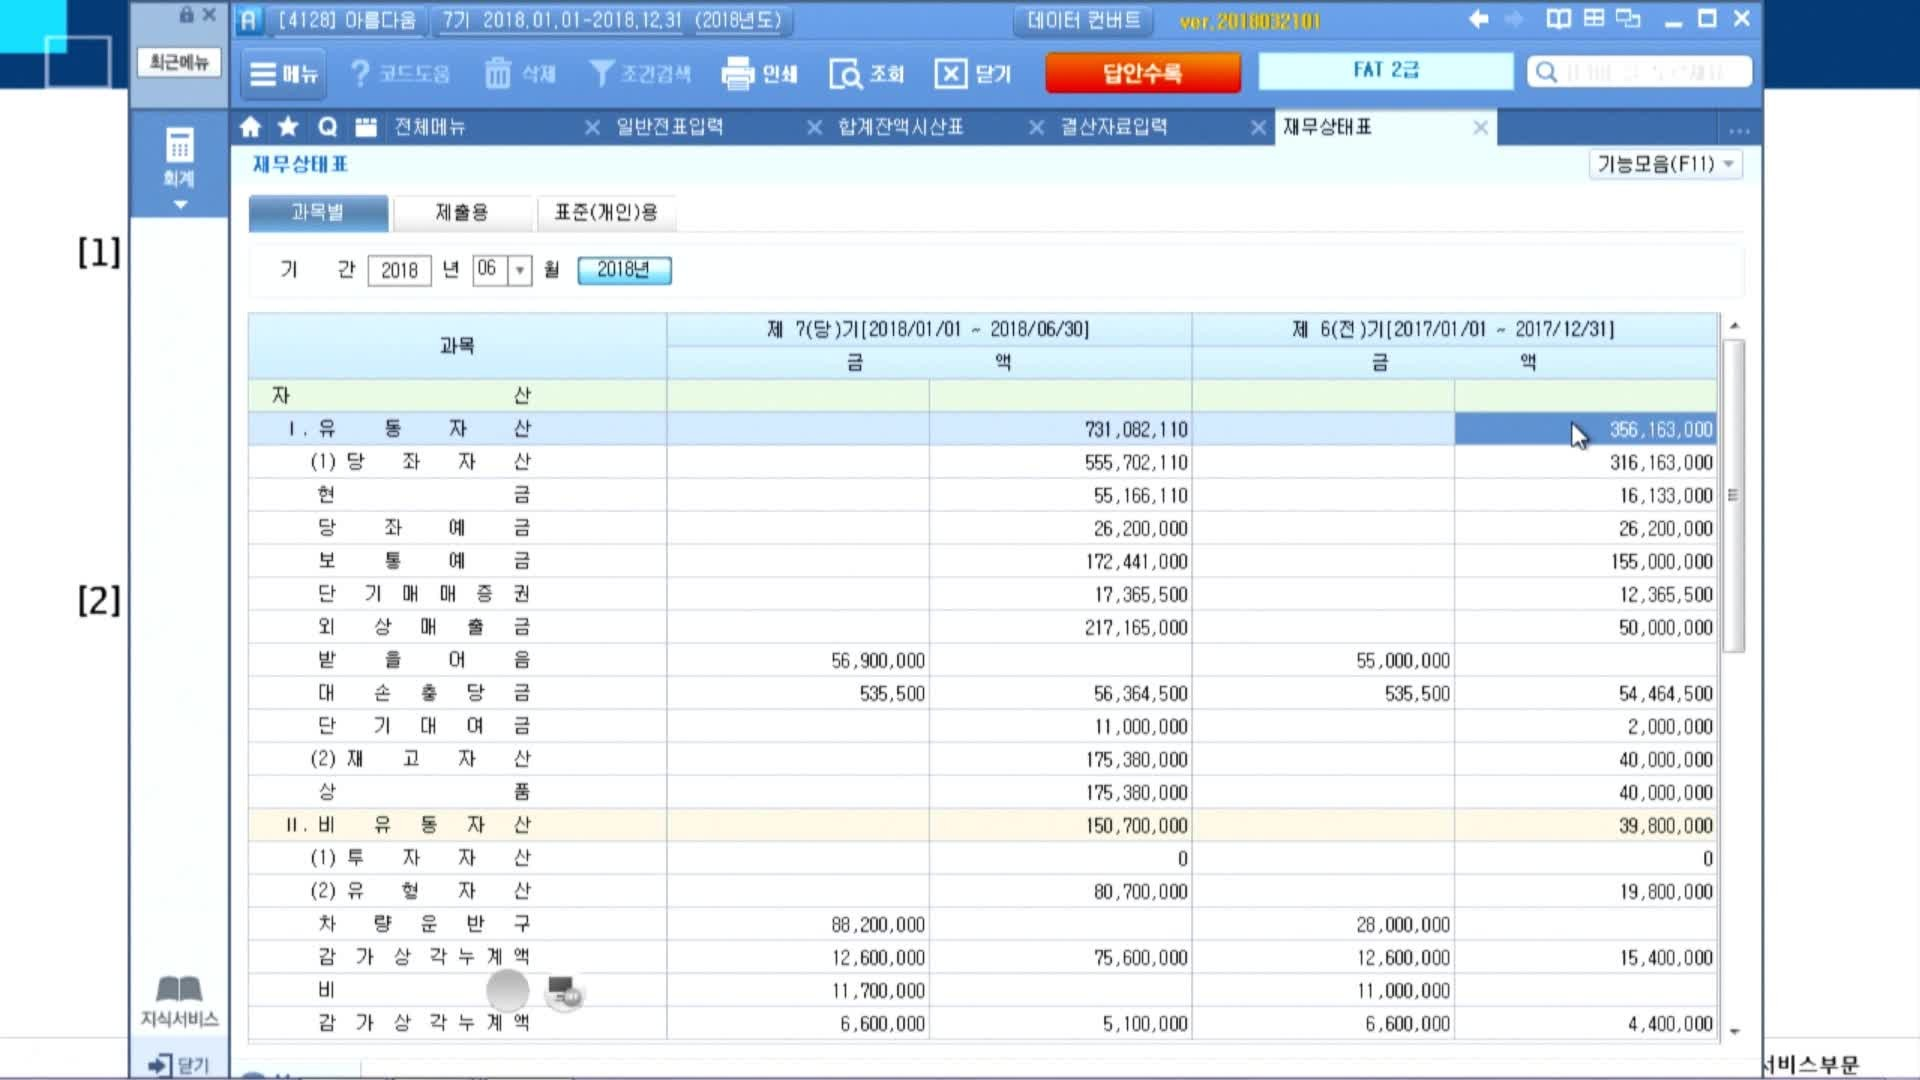 FAT2급(회계실무2급) 기출문제 풀이 - 5.회계정보분석